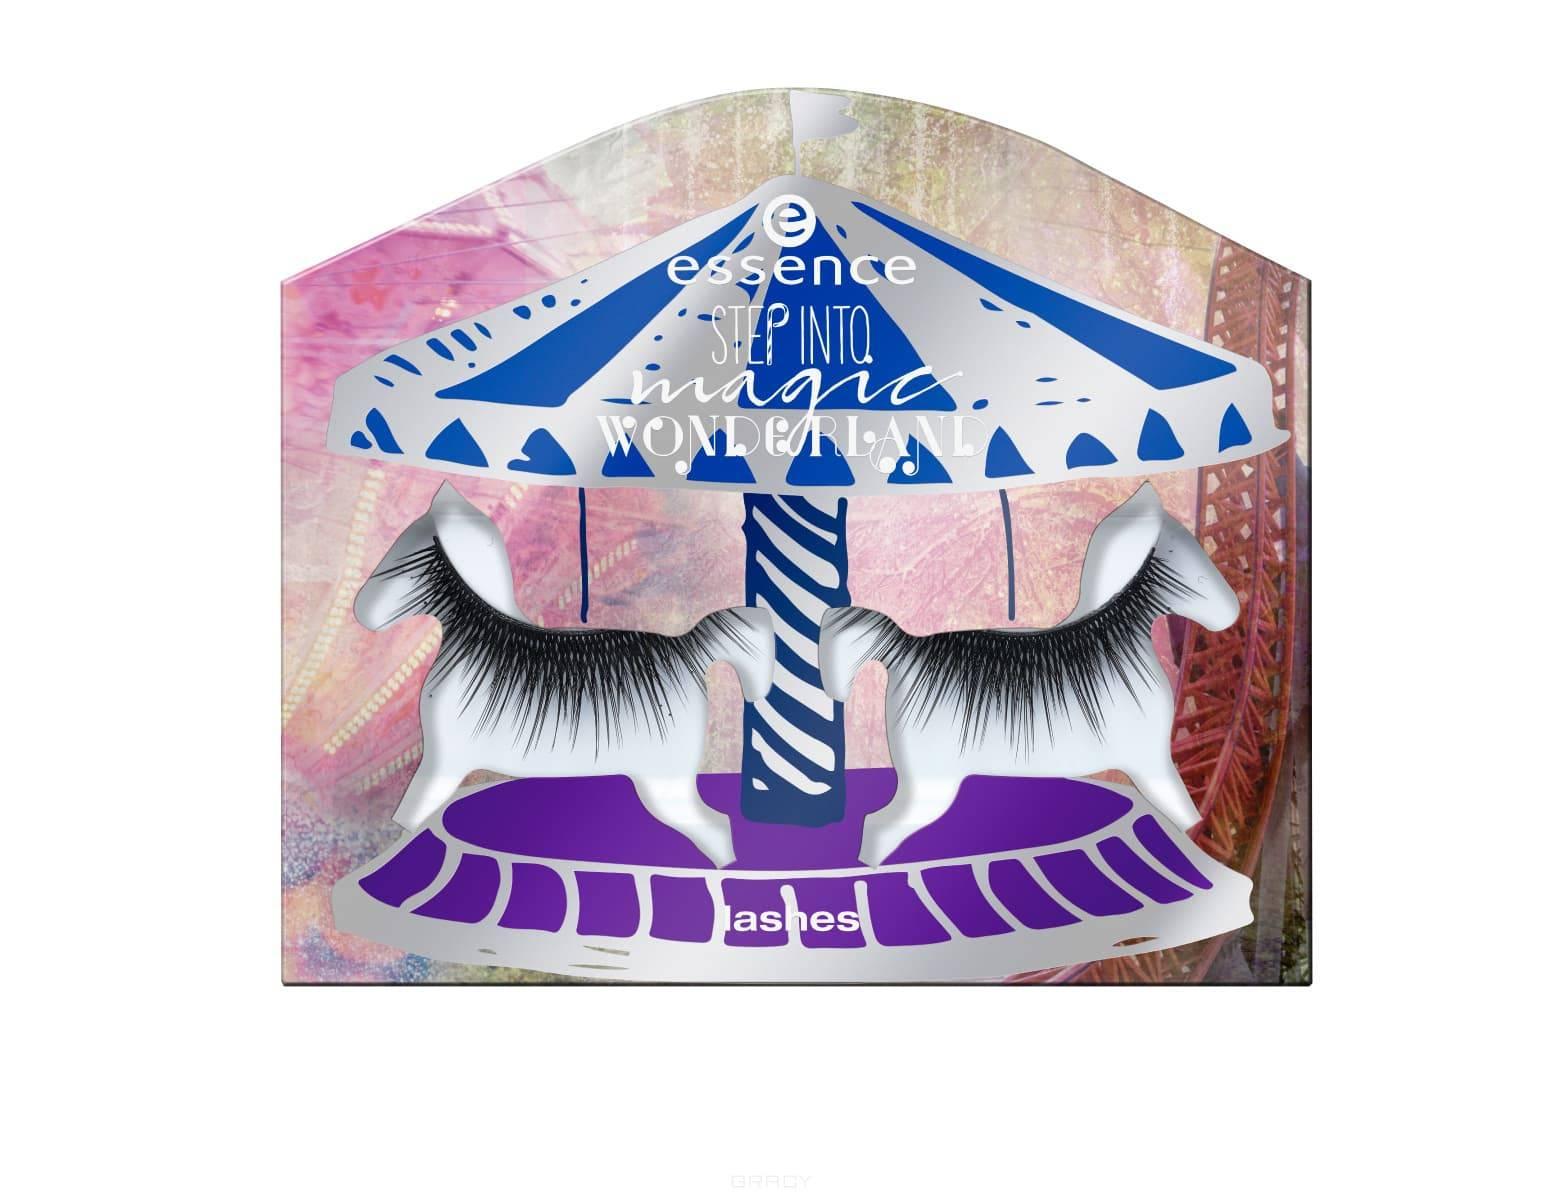 Купить Essence, Накладные ресницы Step Into Magic Wonderland Lashes 01